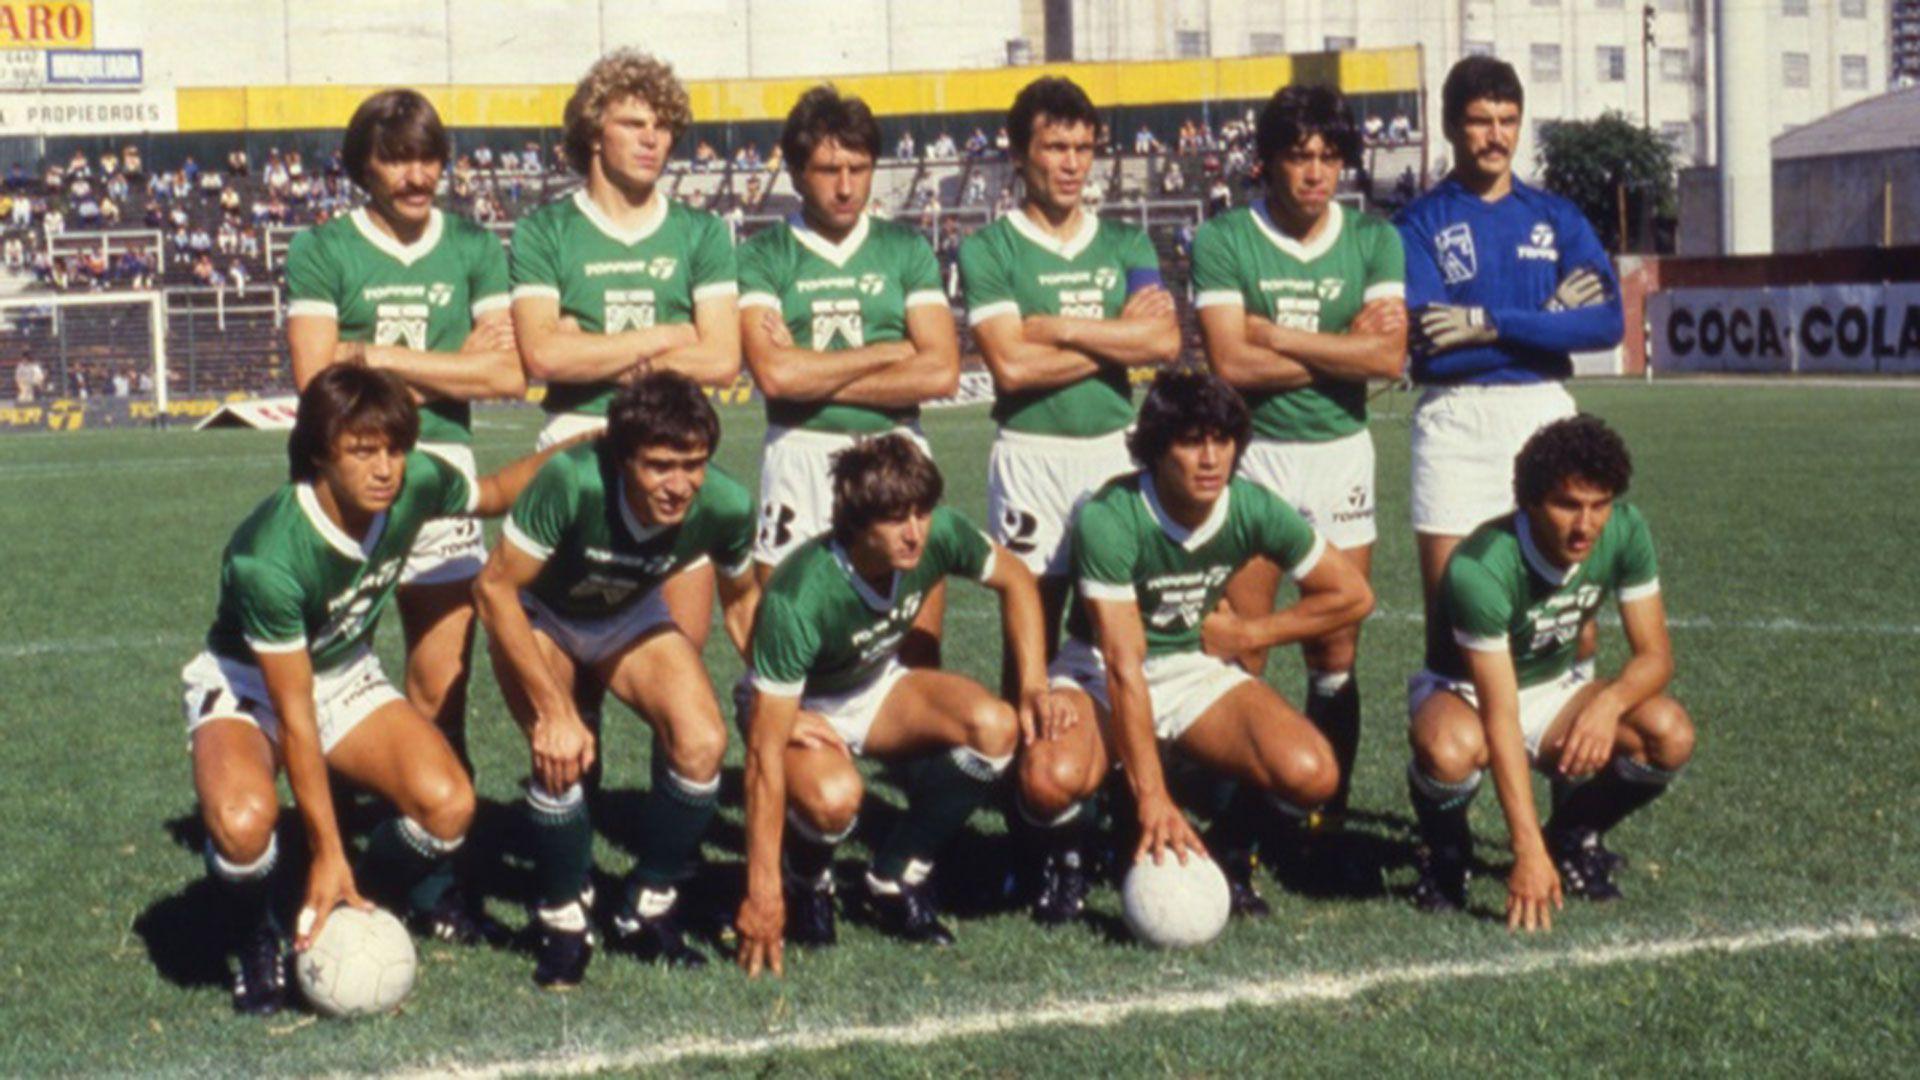 Héctor Cúper, con la número 2 y la cinta de capitán, en el histórico equipo de Ferro que hizo historia.